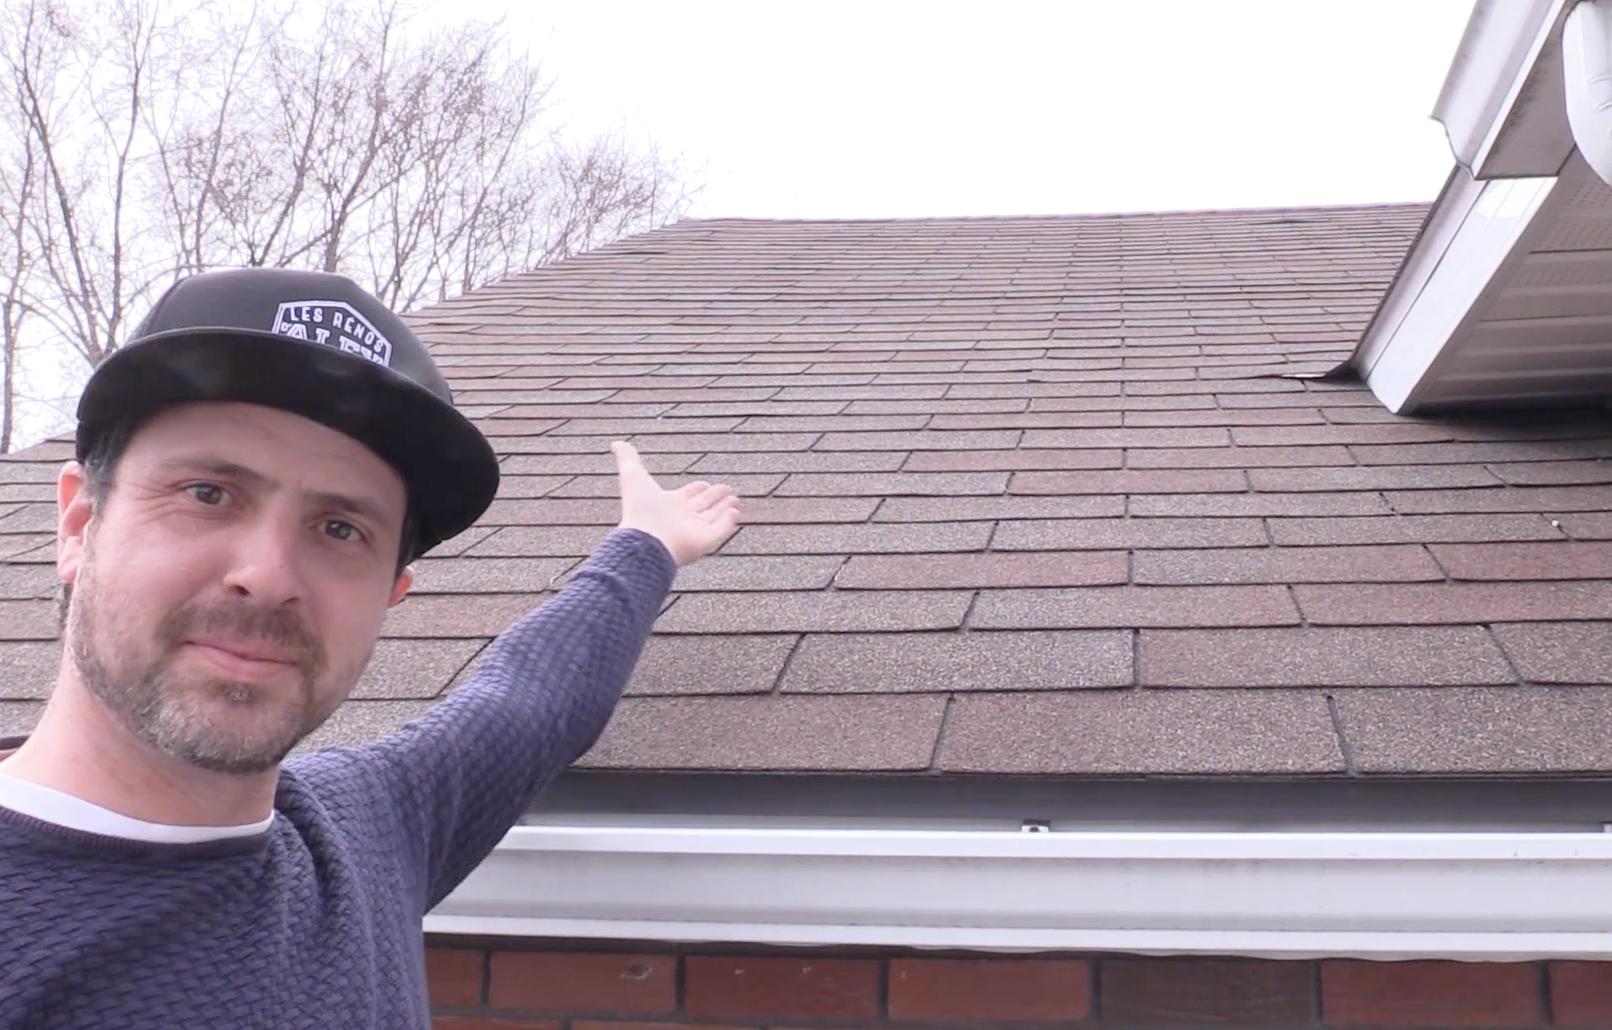 Moi qui étais bien fier l'année dernière d'avoir un toit sans problème… Eh bien, cette année, j'ai dû le réparer! Heureusement, j'ai pu le faire avant que de l'eau s'infiltre dans la maison. Hourra!